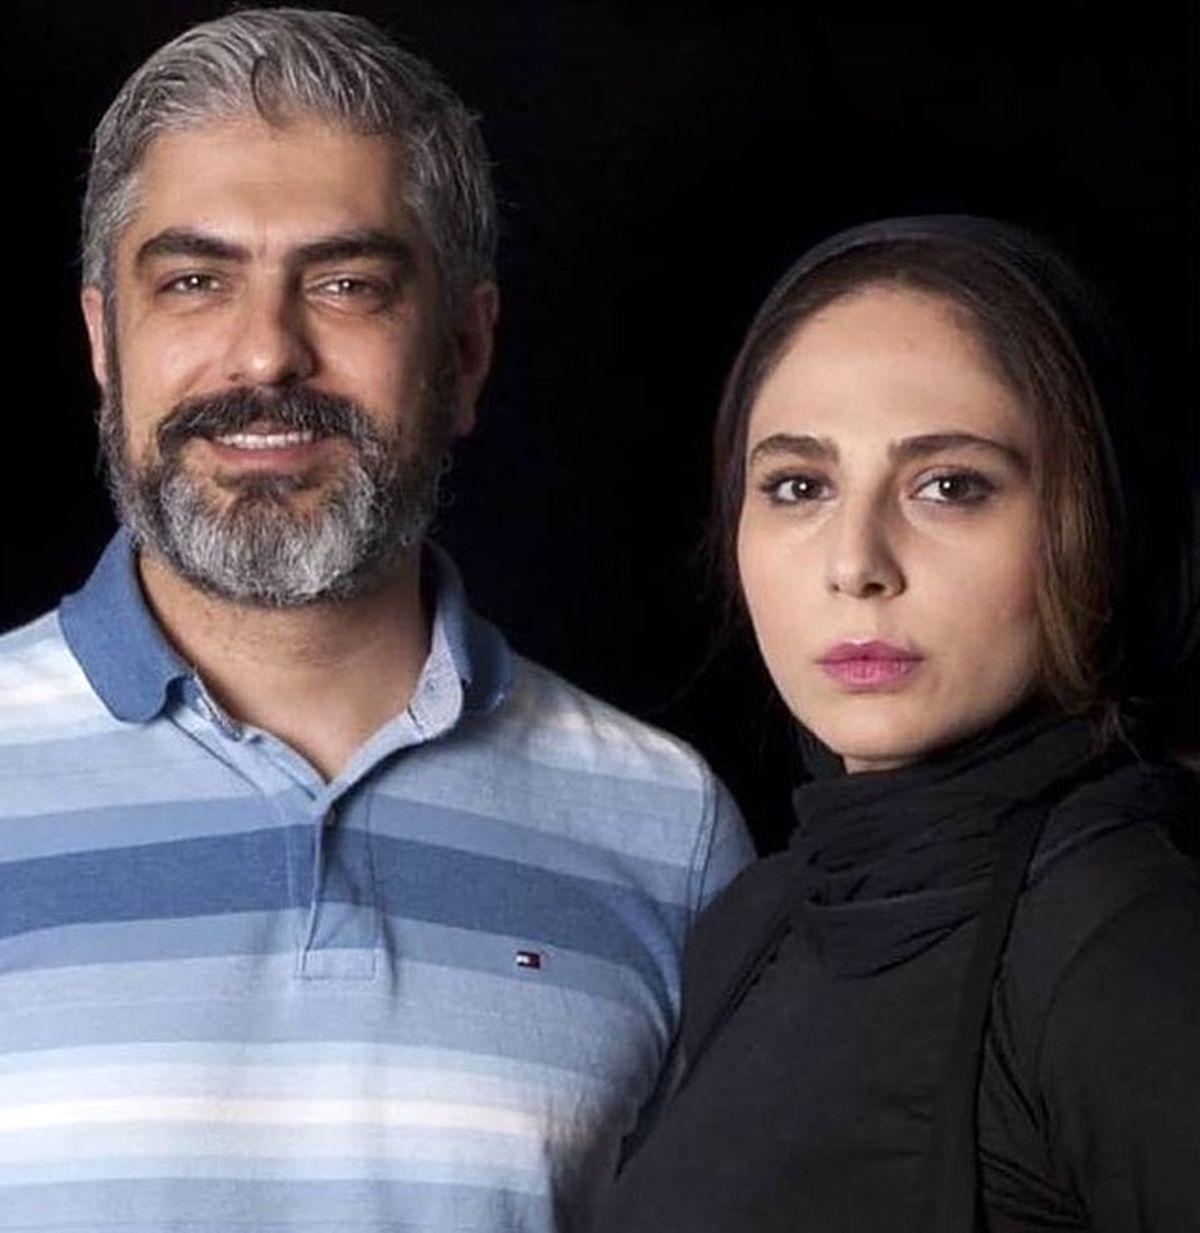 تصاویر عاشقانه مهدی پاکدل و رعنا آزادی ور | عکس های عاشقانه بازیگر زخم کاری